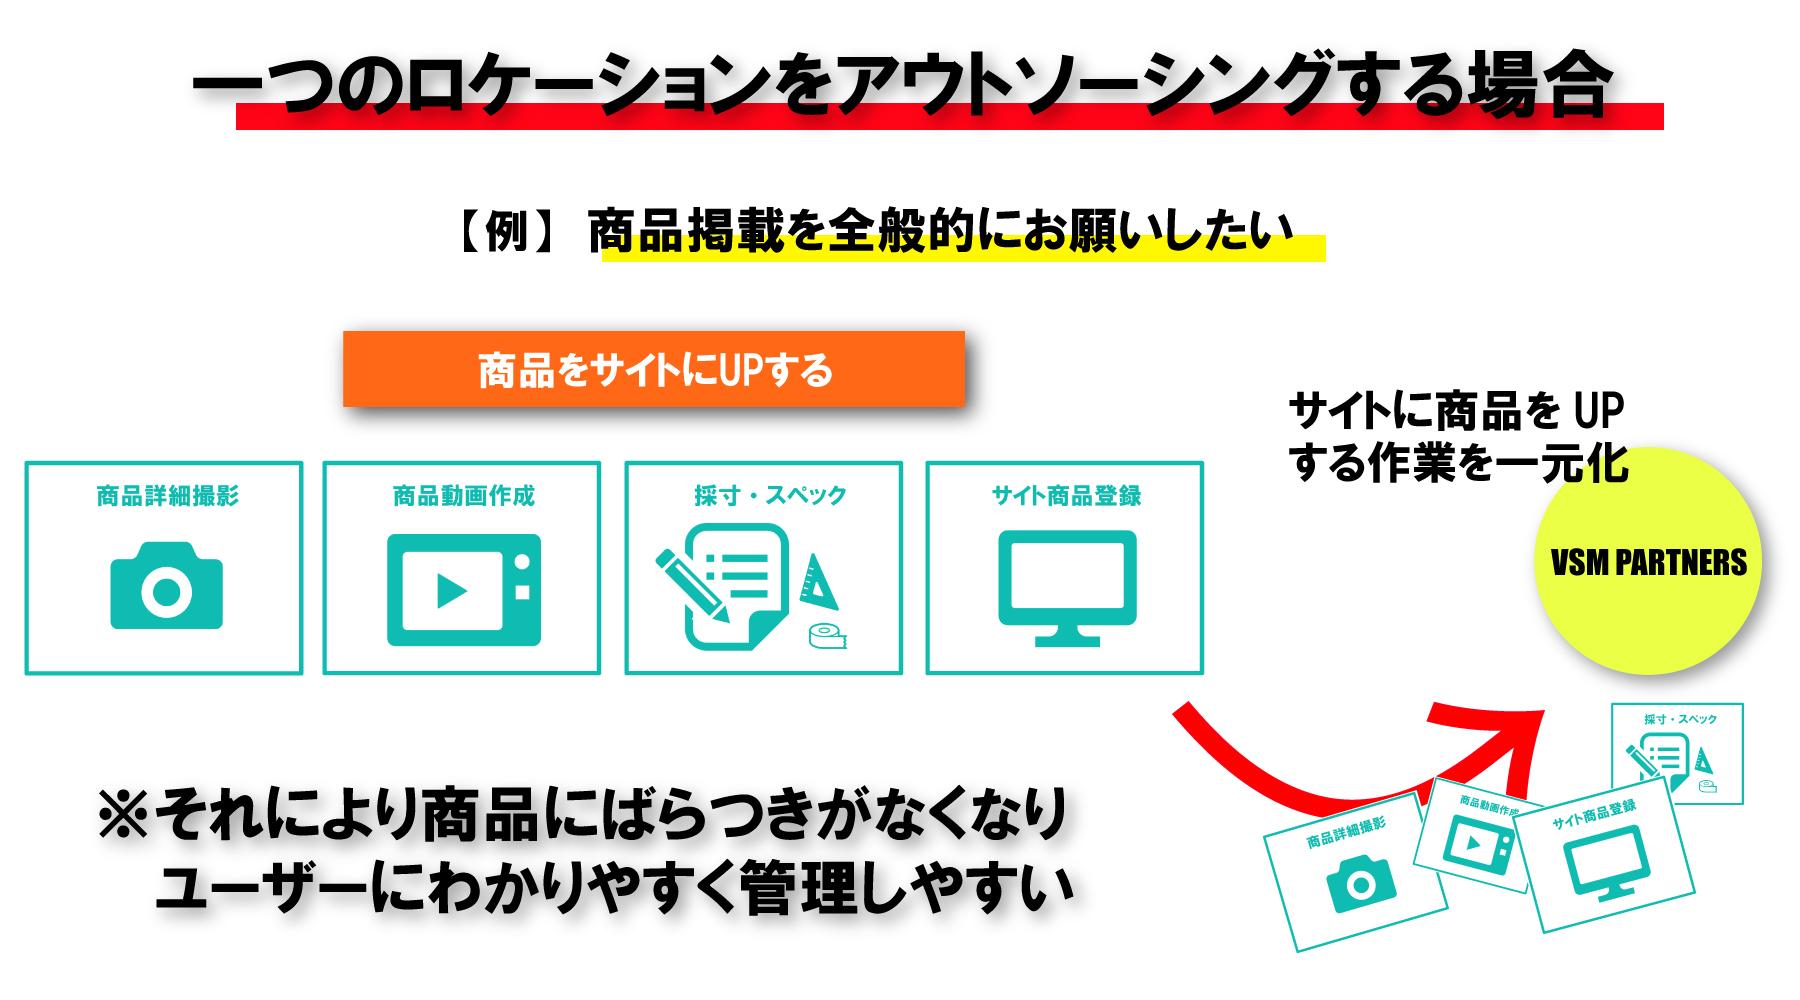 一つのロケーションをアウトソーシングする場合。商品掲載全般的にお願いしたい。それにより商品にばらつきがなくなりユーザーにわかりやすく管理しやすい。サイトに商品をUPする作業を一元化。